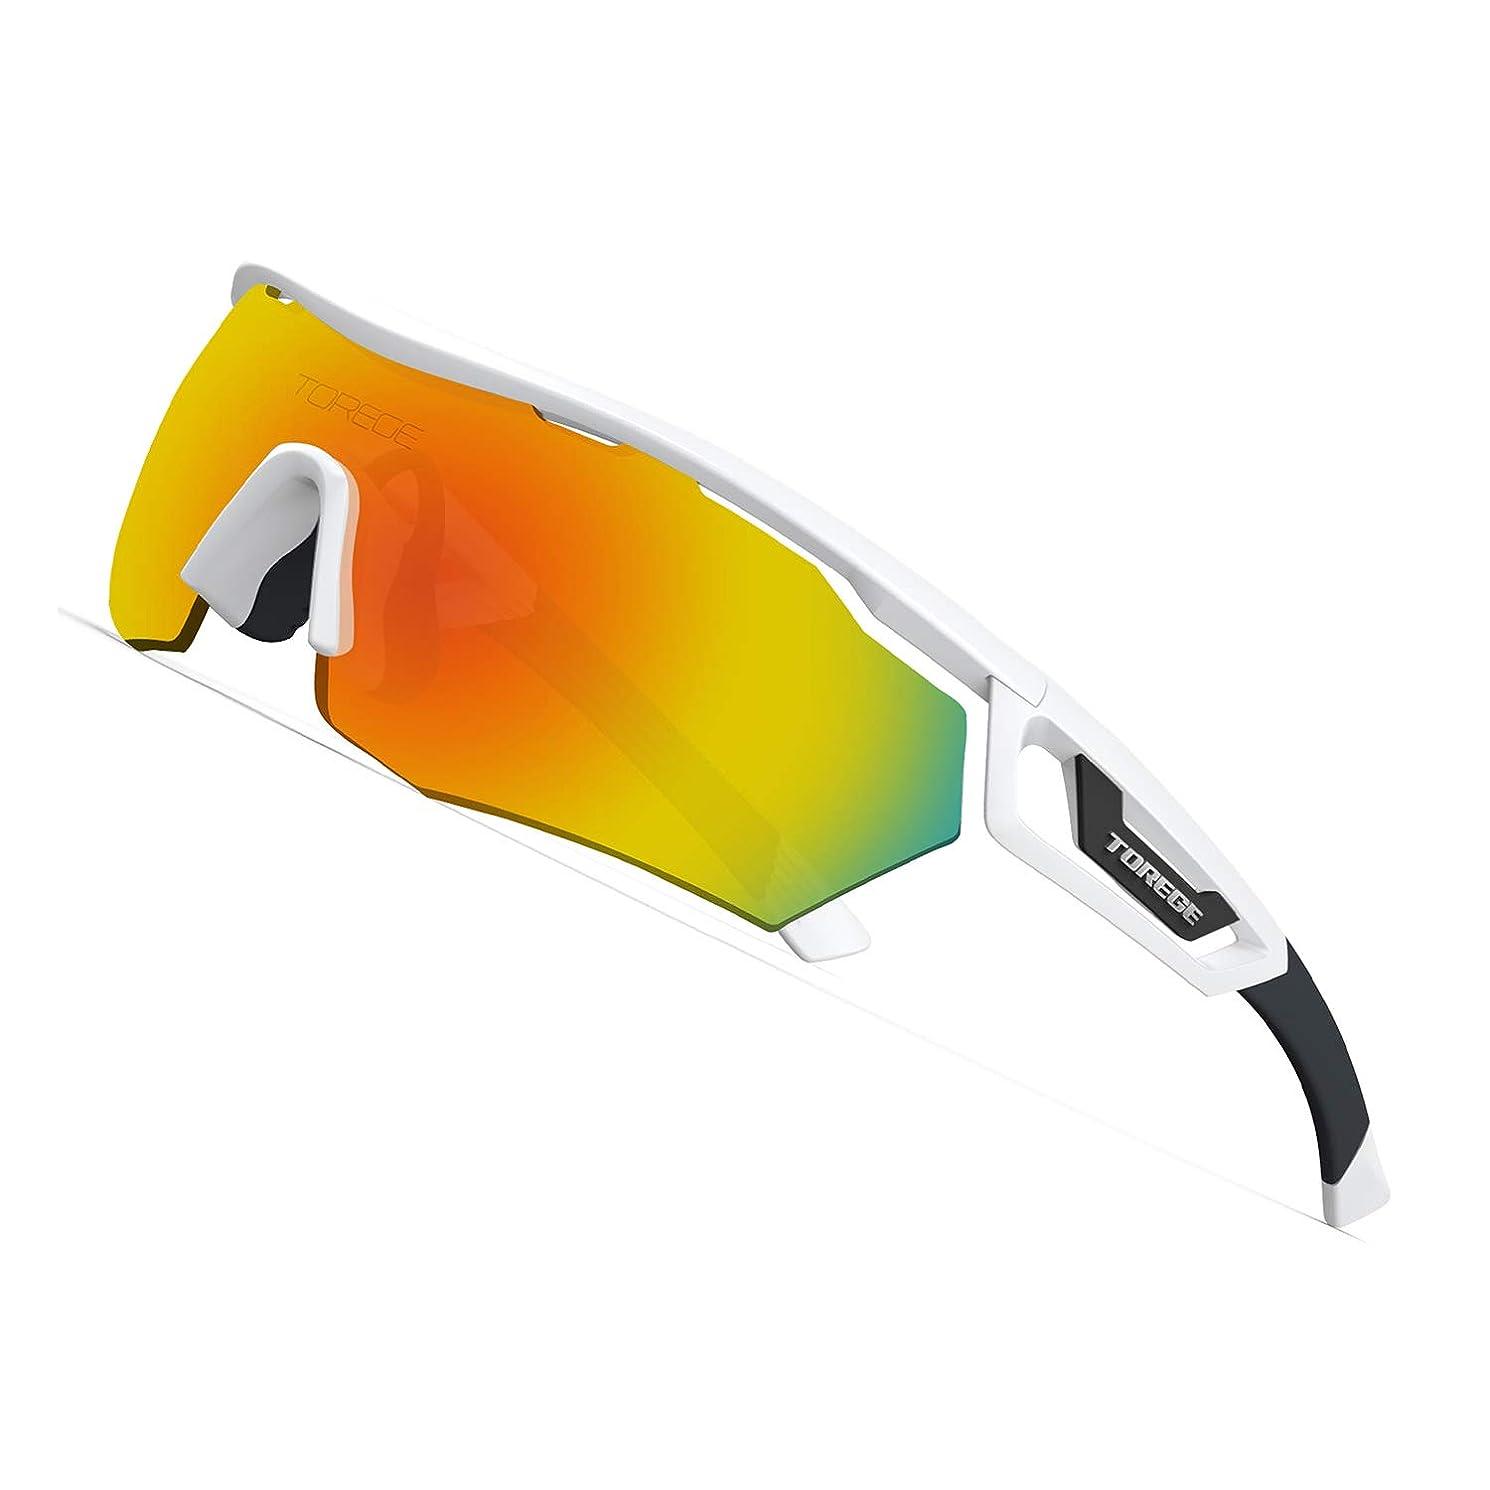 空いている寛解罹患率Torege スポーツサングラス 交換レンズ3枚 超軽量 TR90 UV400 紫外線カット サングラス/ 自転車/釣り/野球/テニス/スキー/ランニング/ゴルフ/ドライブ 運動メガネTR05